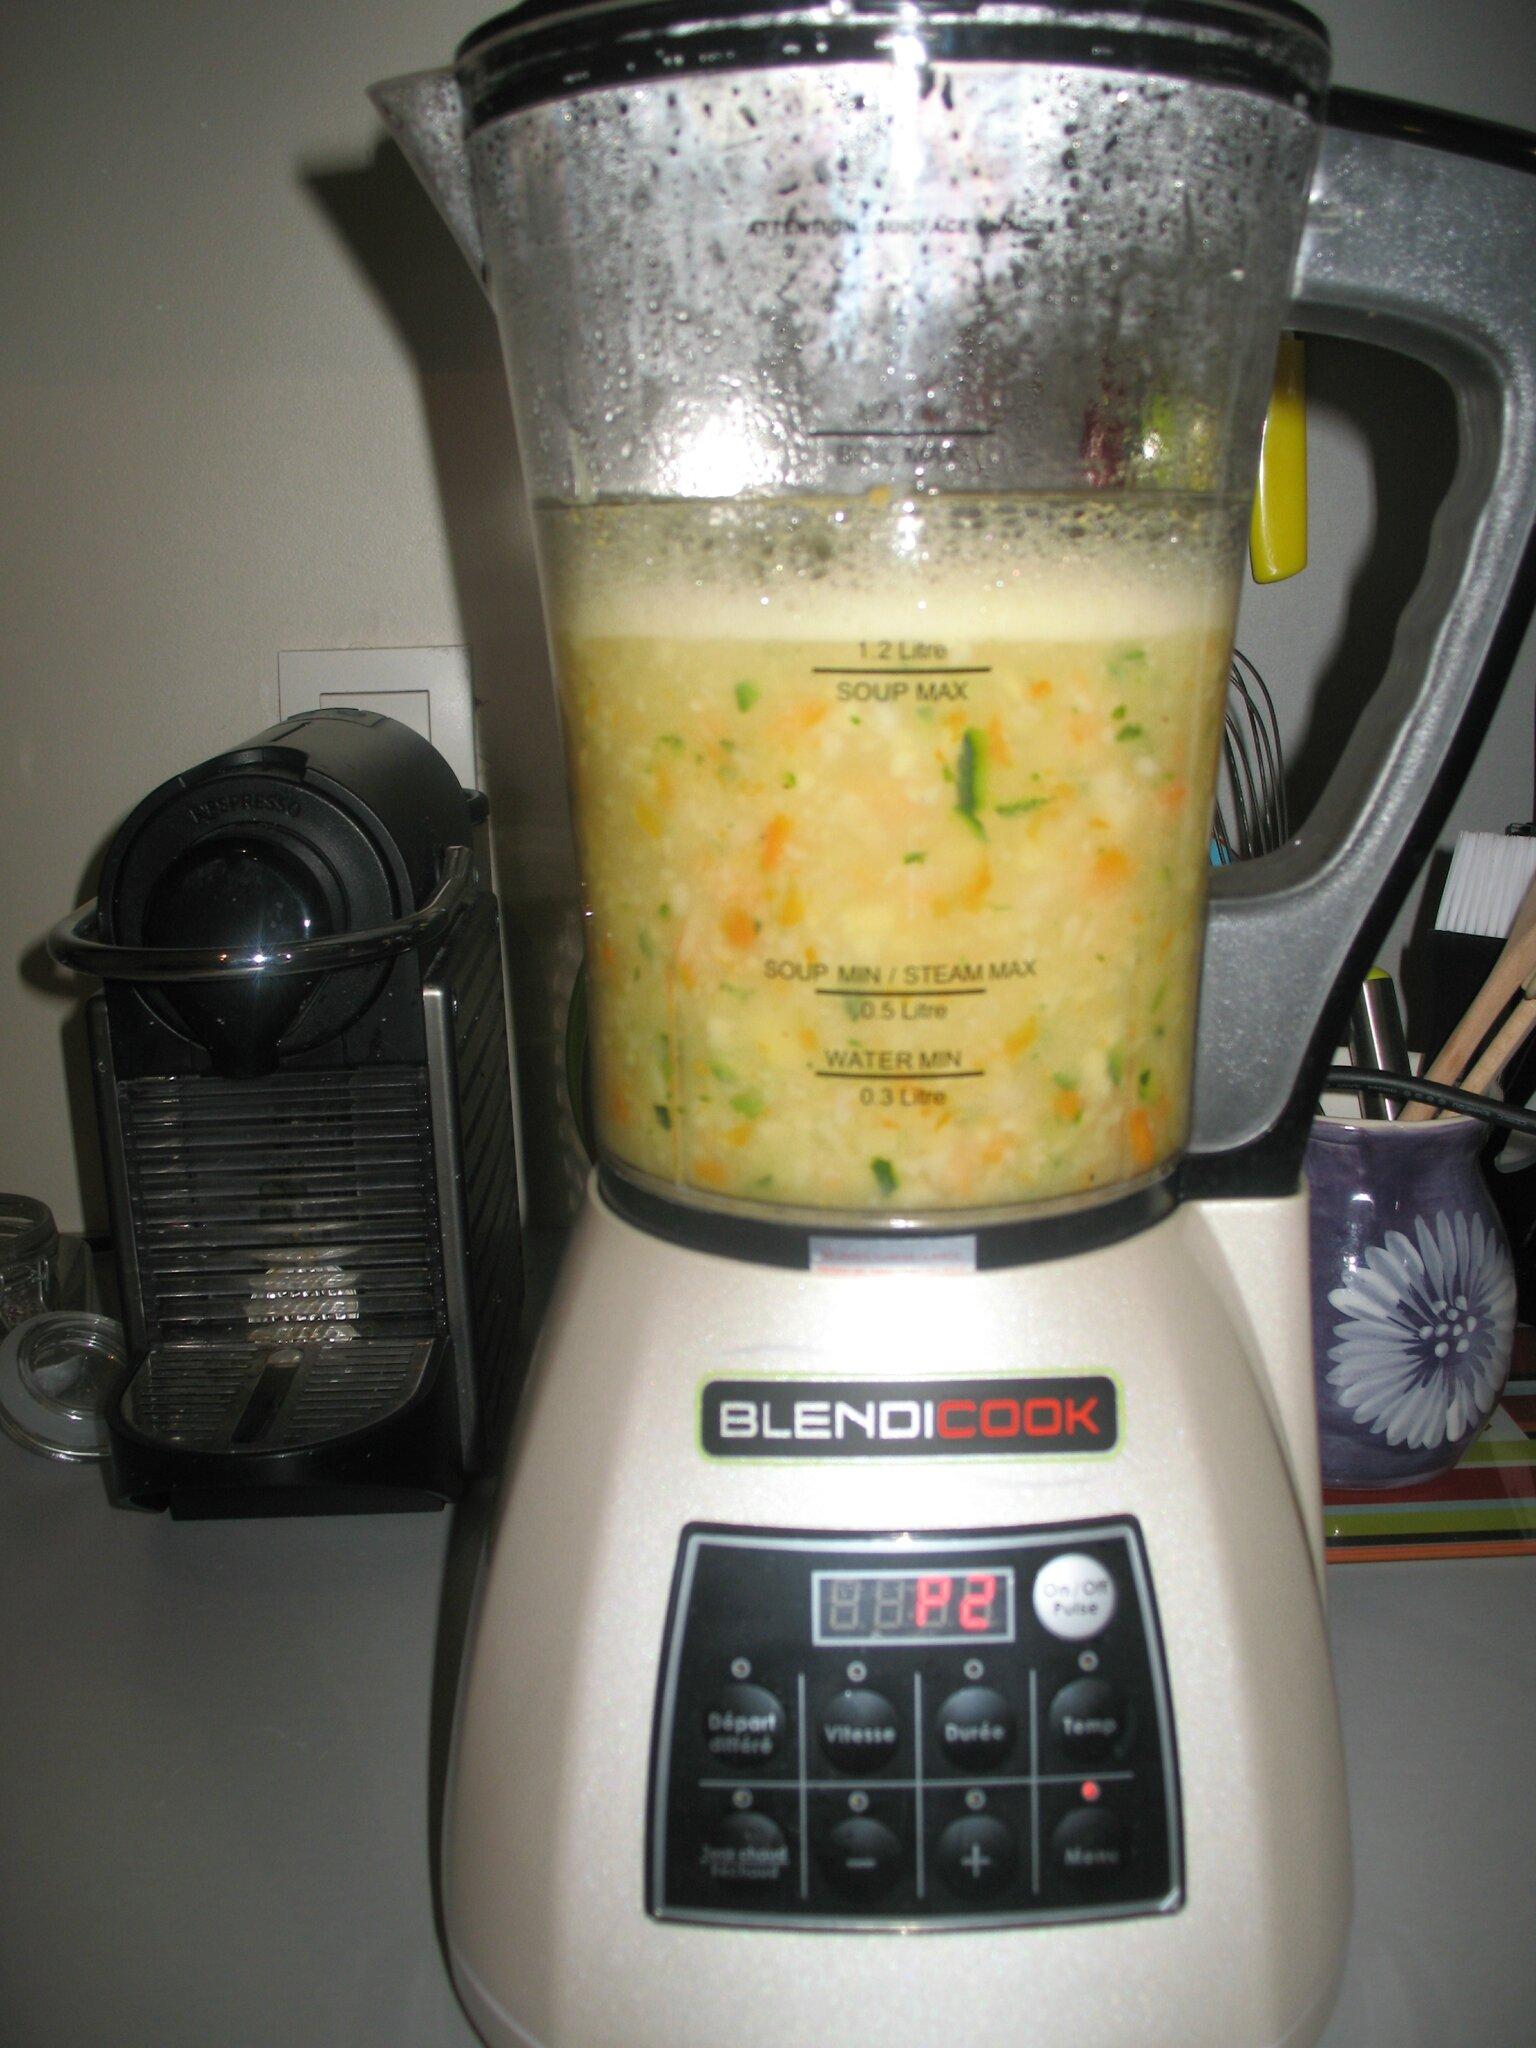 Recette Soupe Blender Chauffant : recette, soupe, blender, chauffant, Soupe, Pomme, Terre,, Carotte,, Courgette, Blender, Chauffant, Petites, Recettes, Chimène, Mamounette